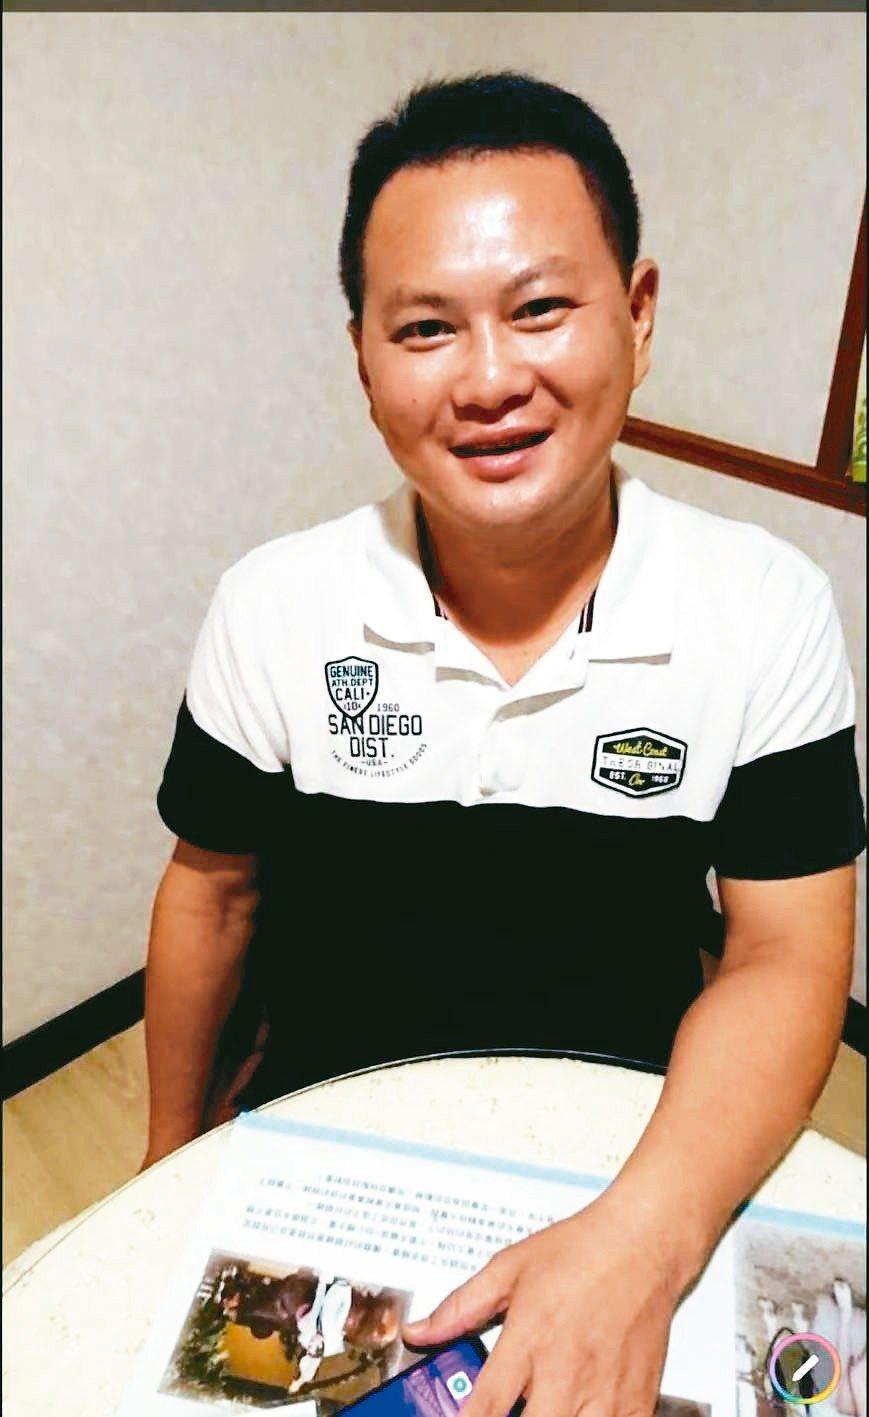 卅七歲、五專電機系畢業的邱宏裕改考公職,去年錄取四等行政警察。 圖/邱宏裕提供